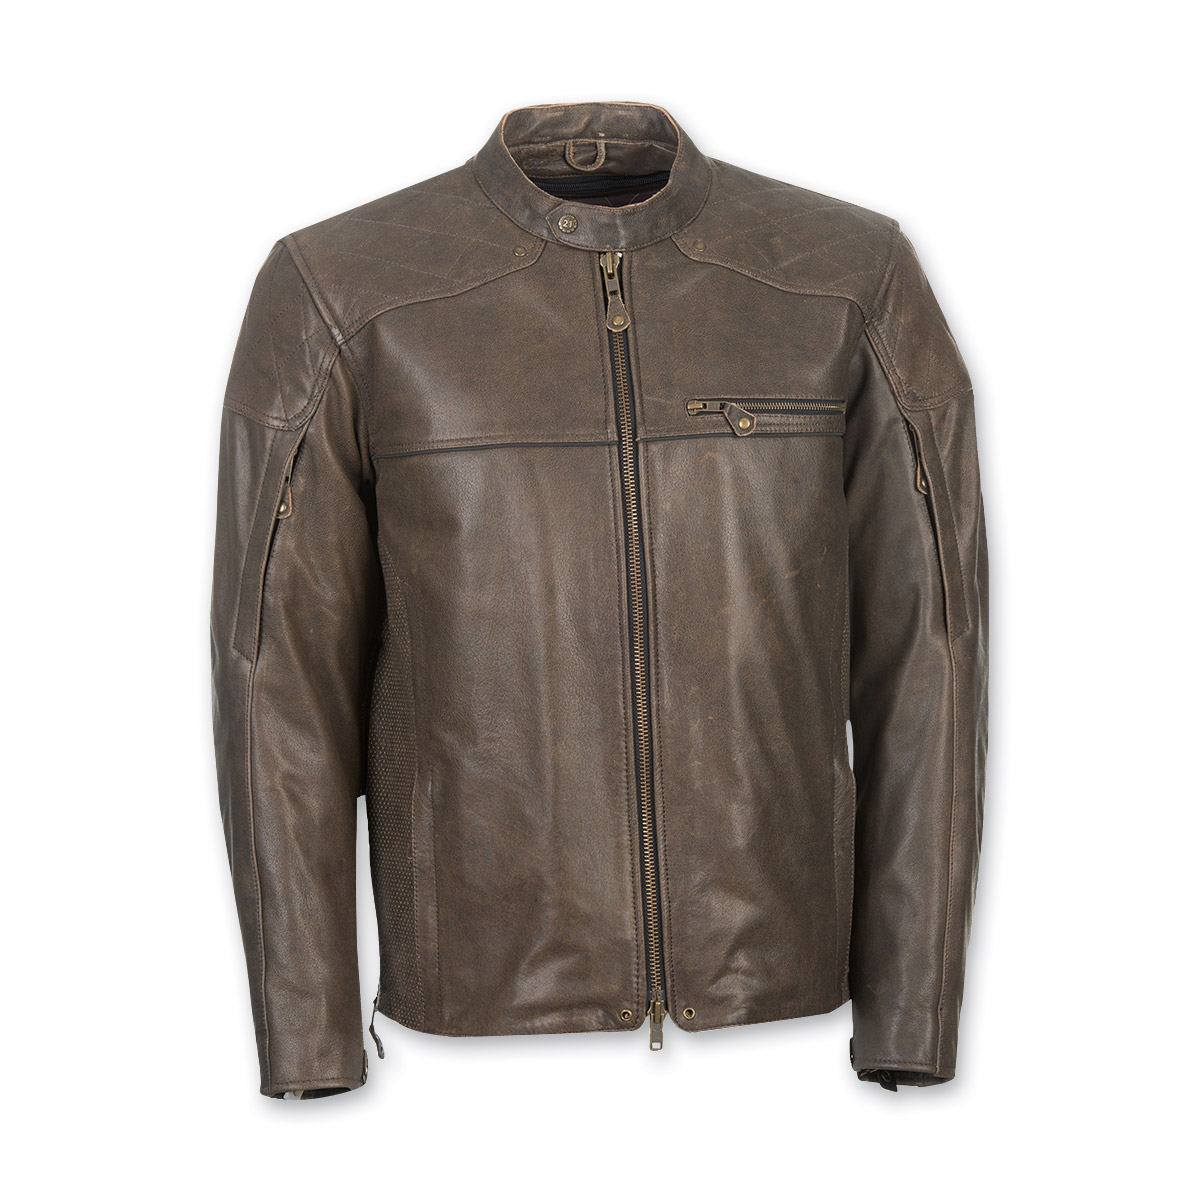 Highway 21 Men's Gasser Brown Leather Jacket